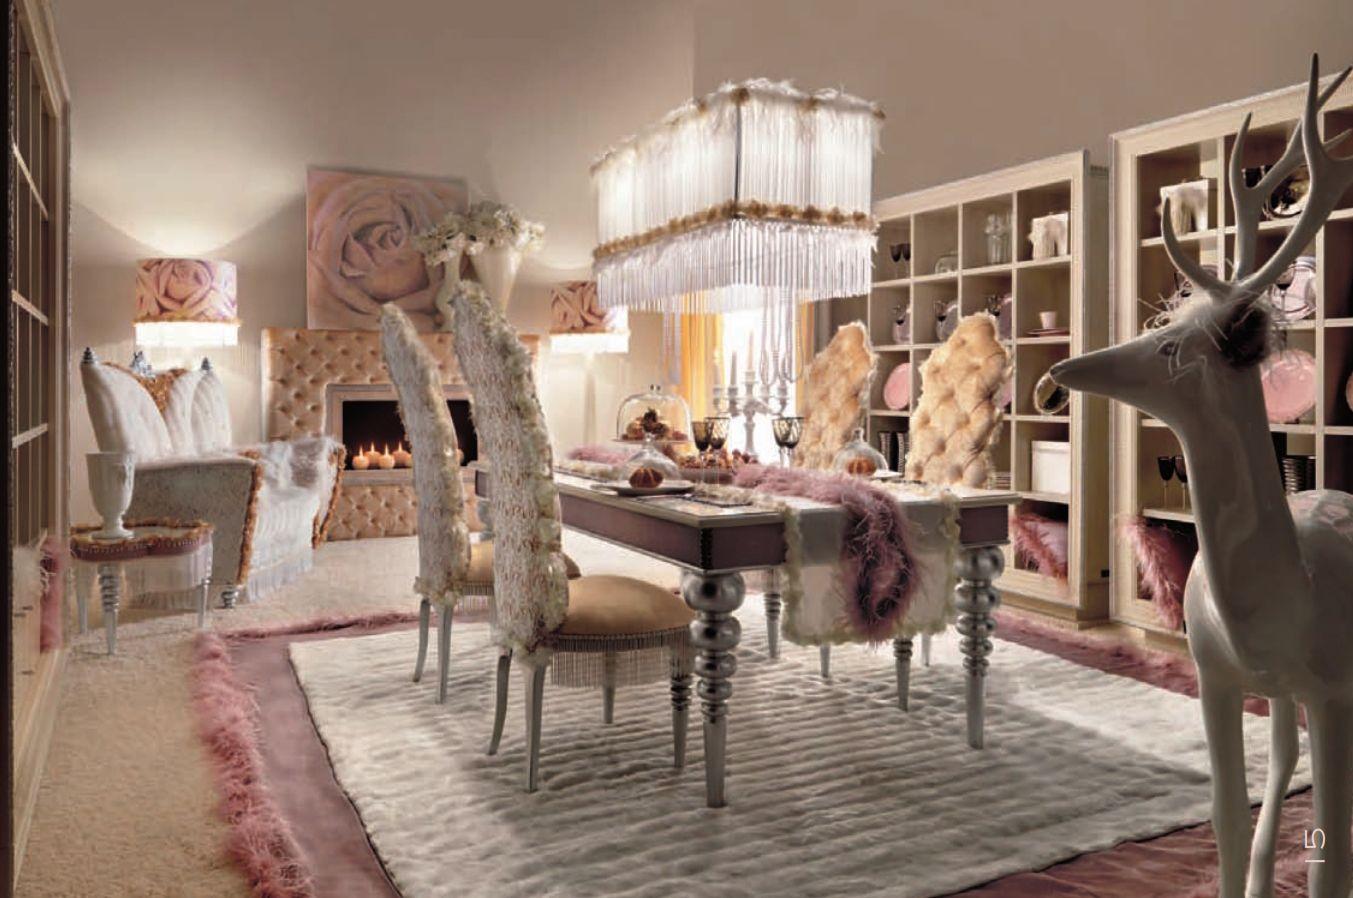 luxus-möbel - luxus esszimmer alta moda schicke seriedie möbel aus